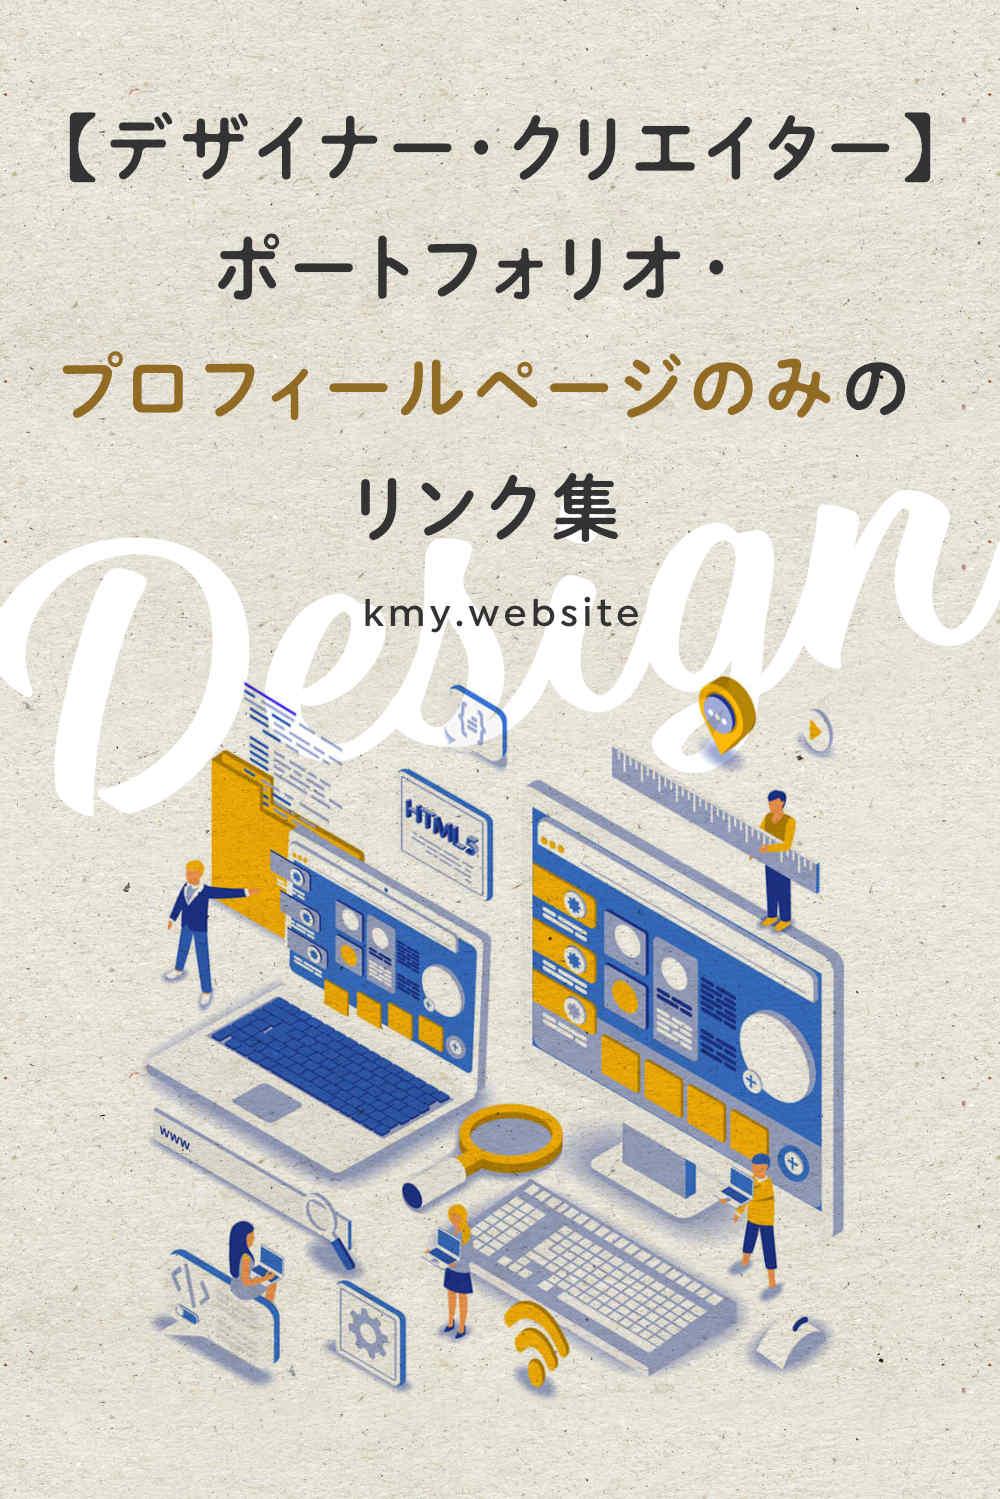 ポートフォリオ・プロフィールページのみのリンク集【デザイナー・クリエイター】